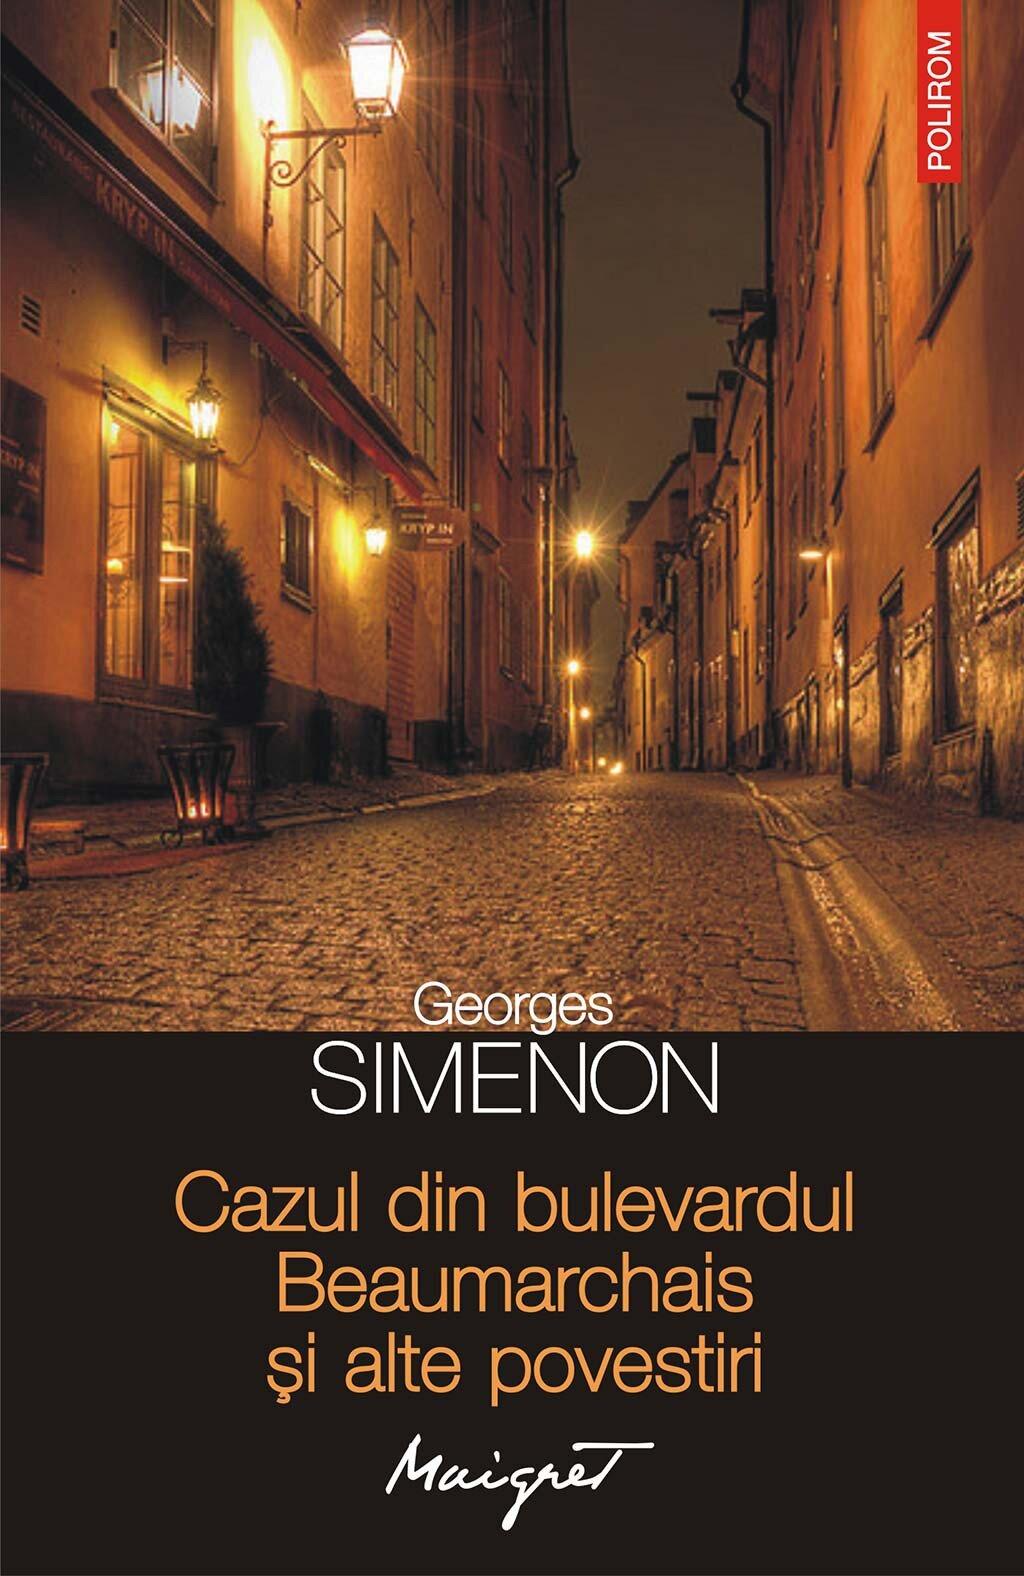 Cazul din bulevardul Beaumarchais si alte povestiri (eBook)